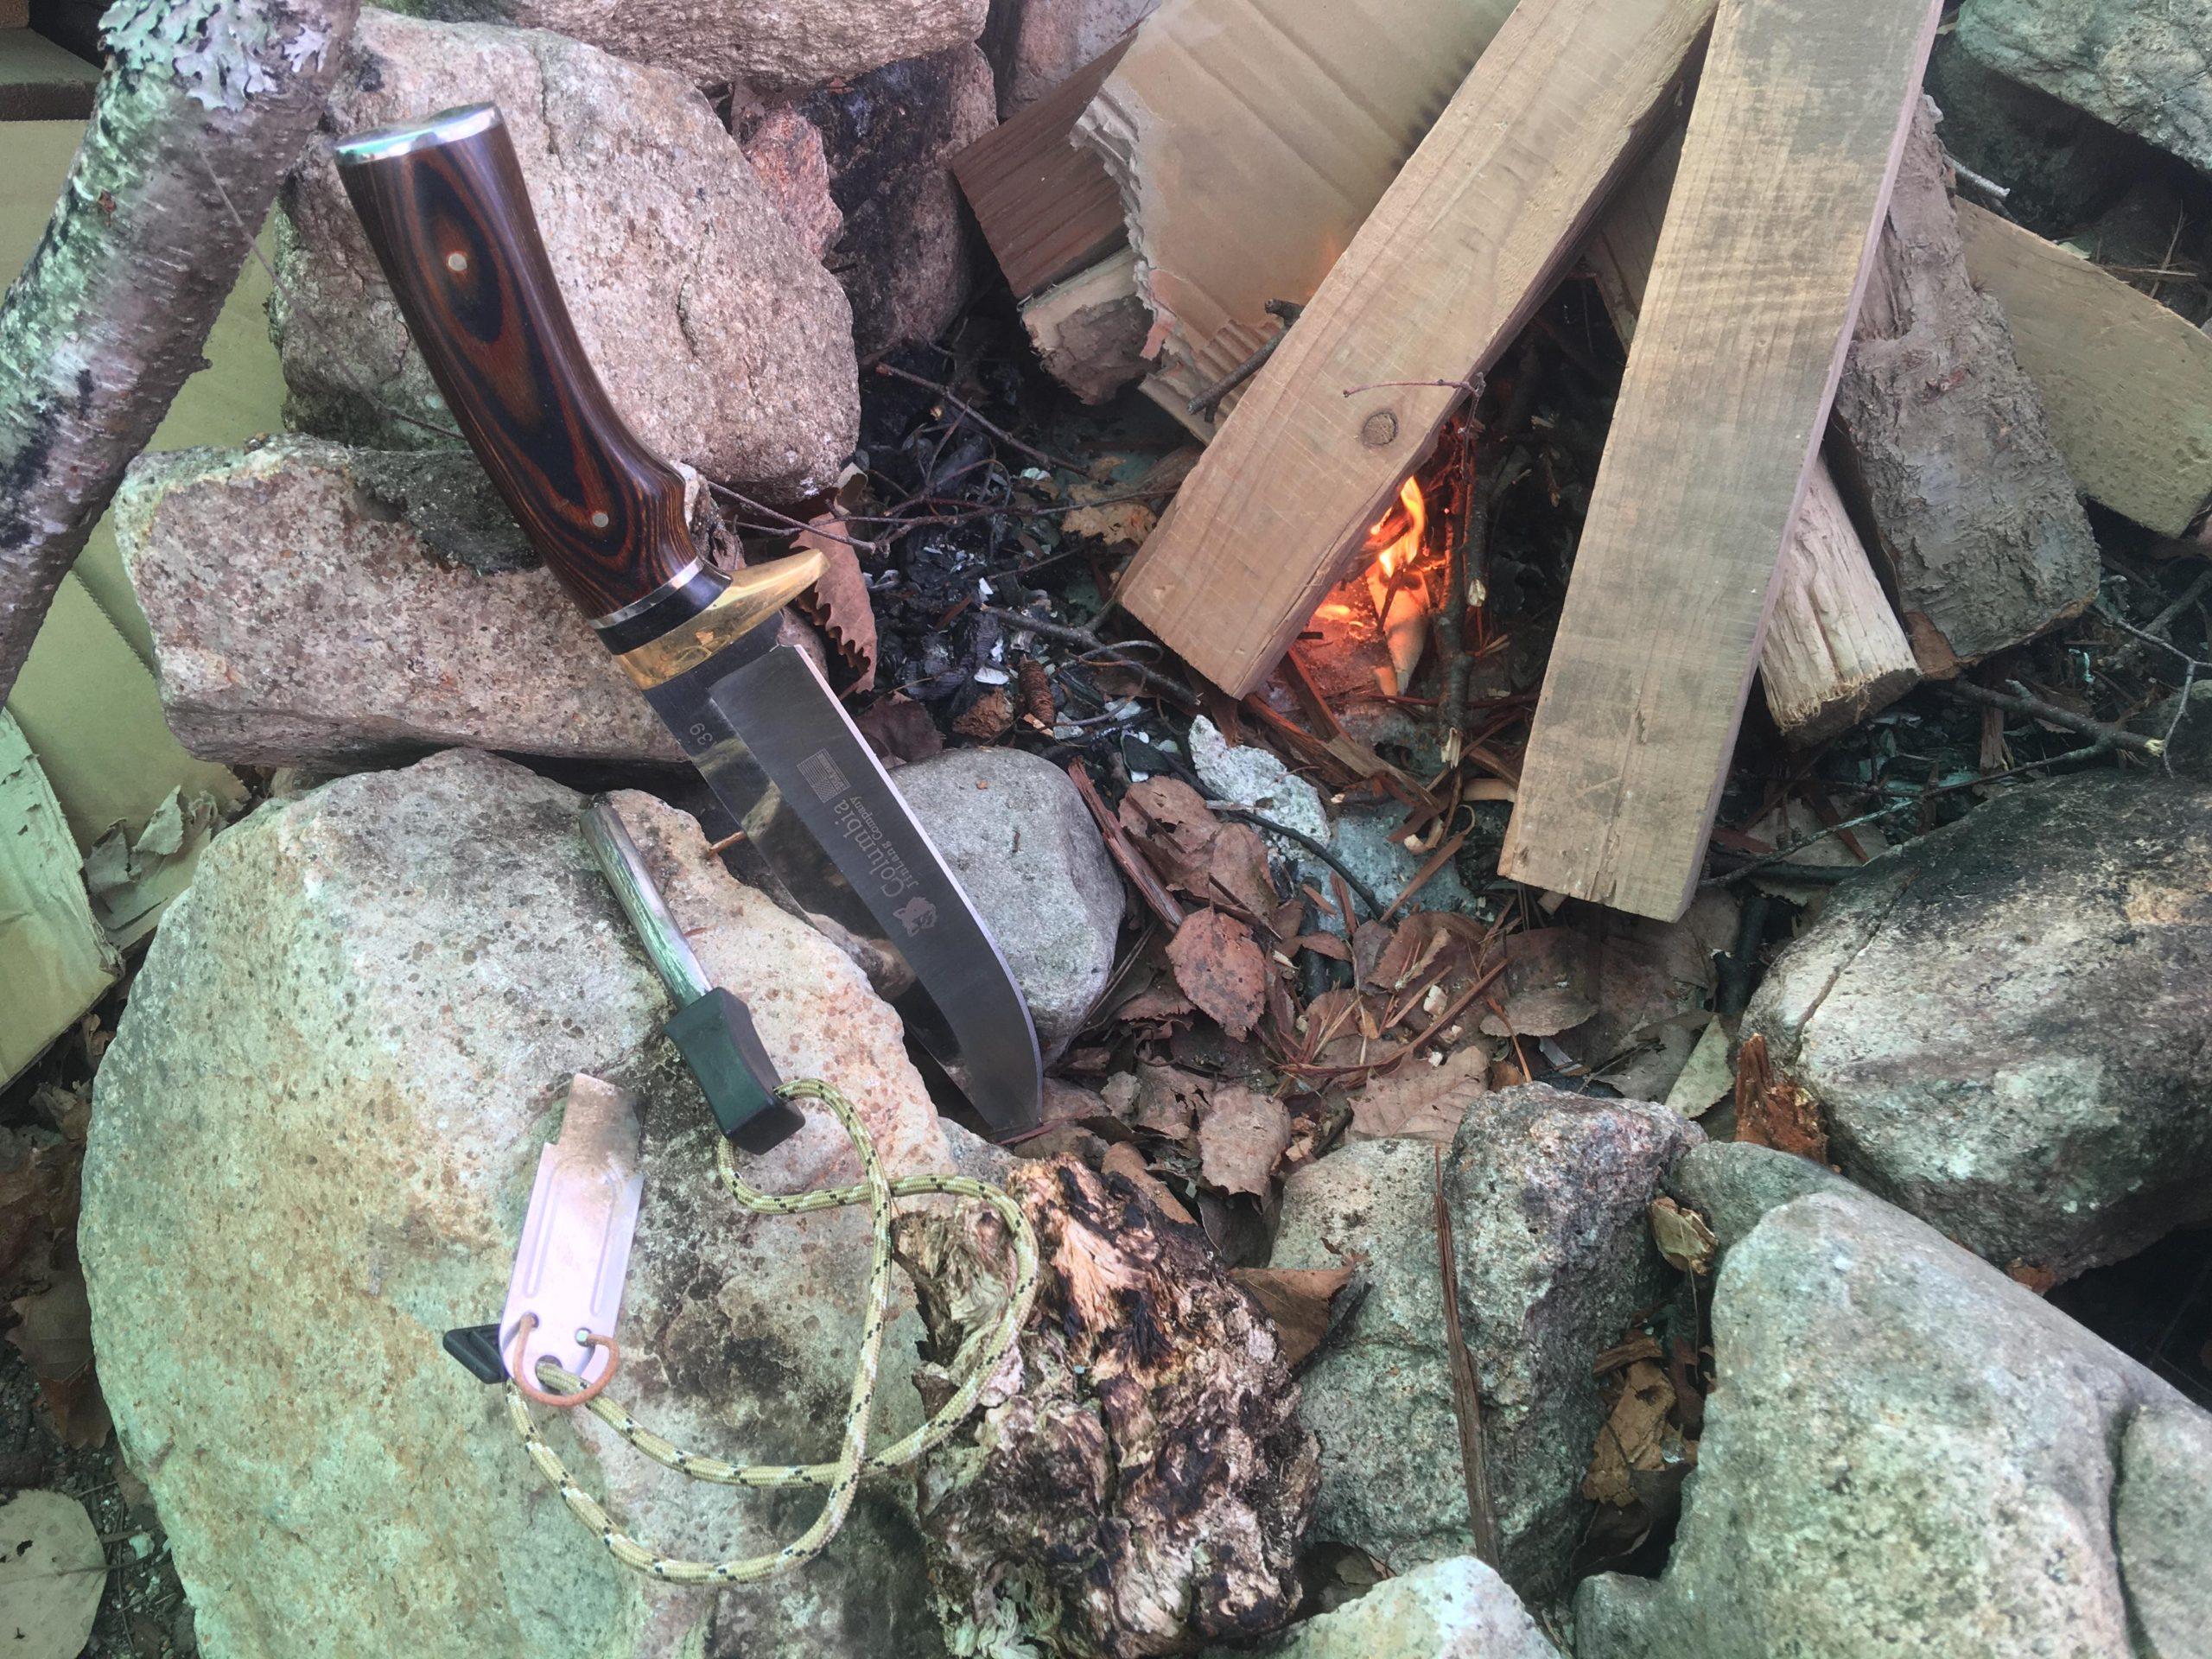 ナイフとファイヤースターターでおこした焚火